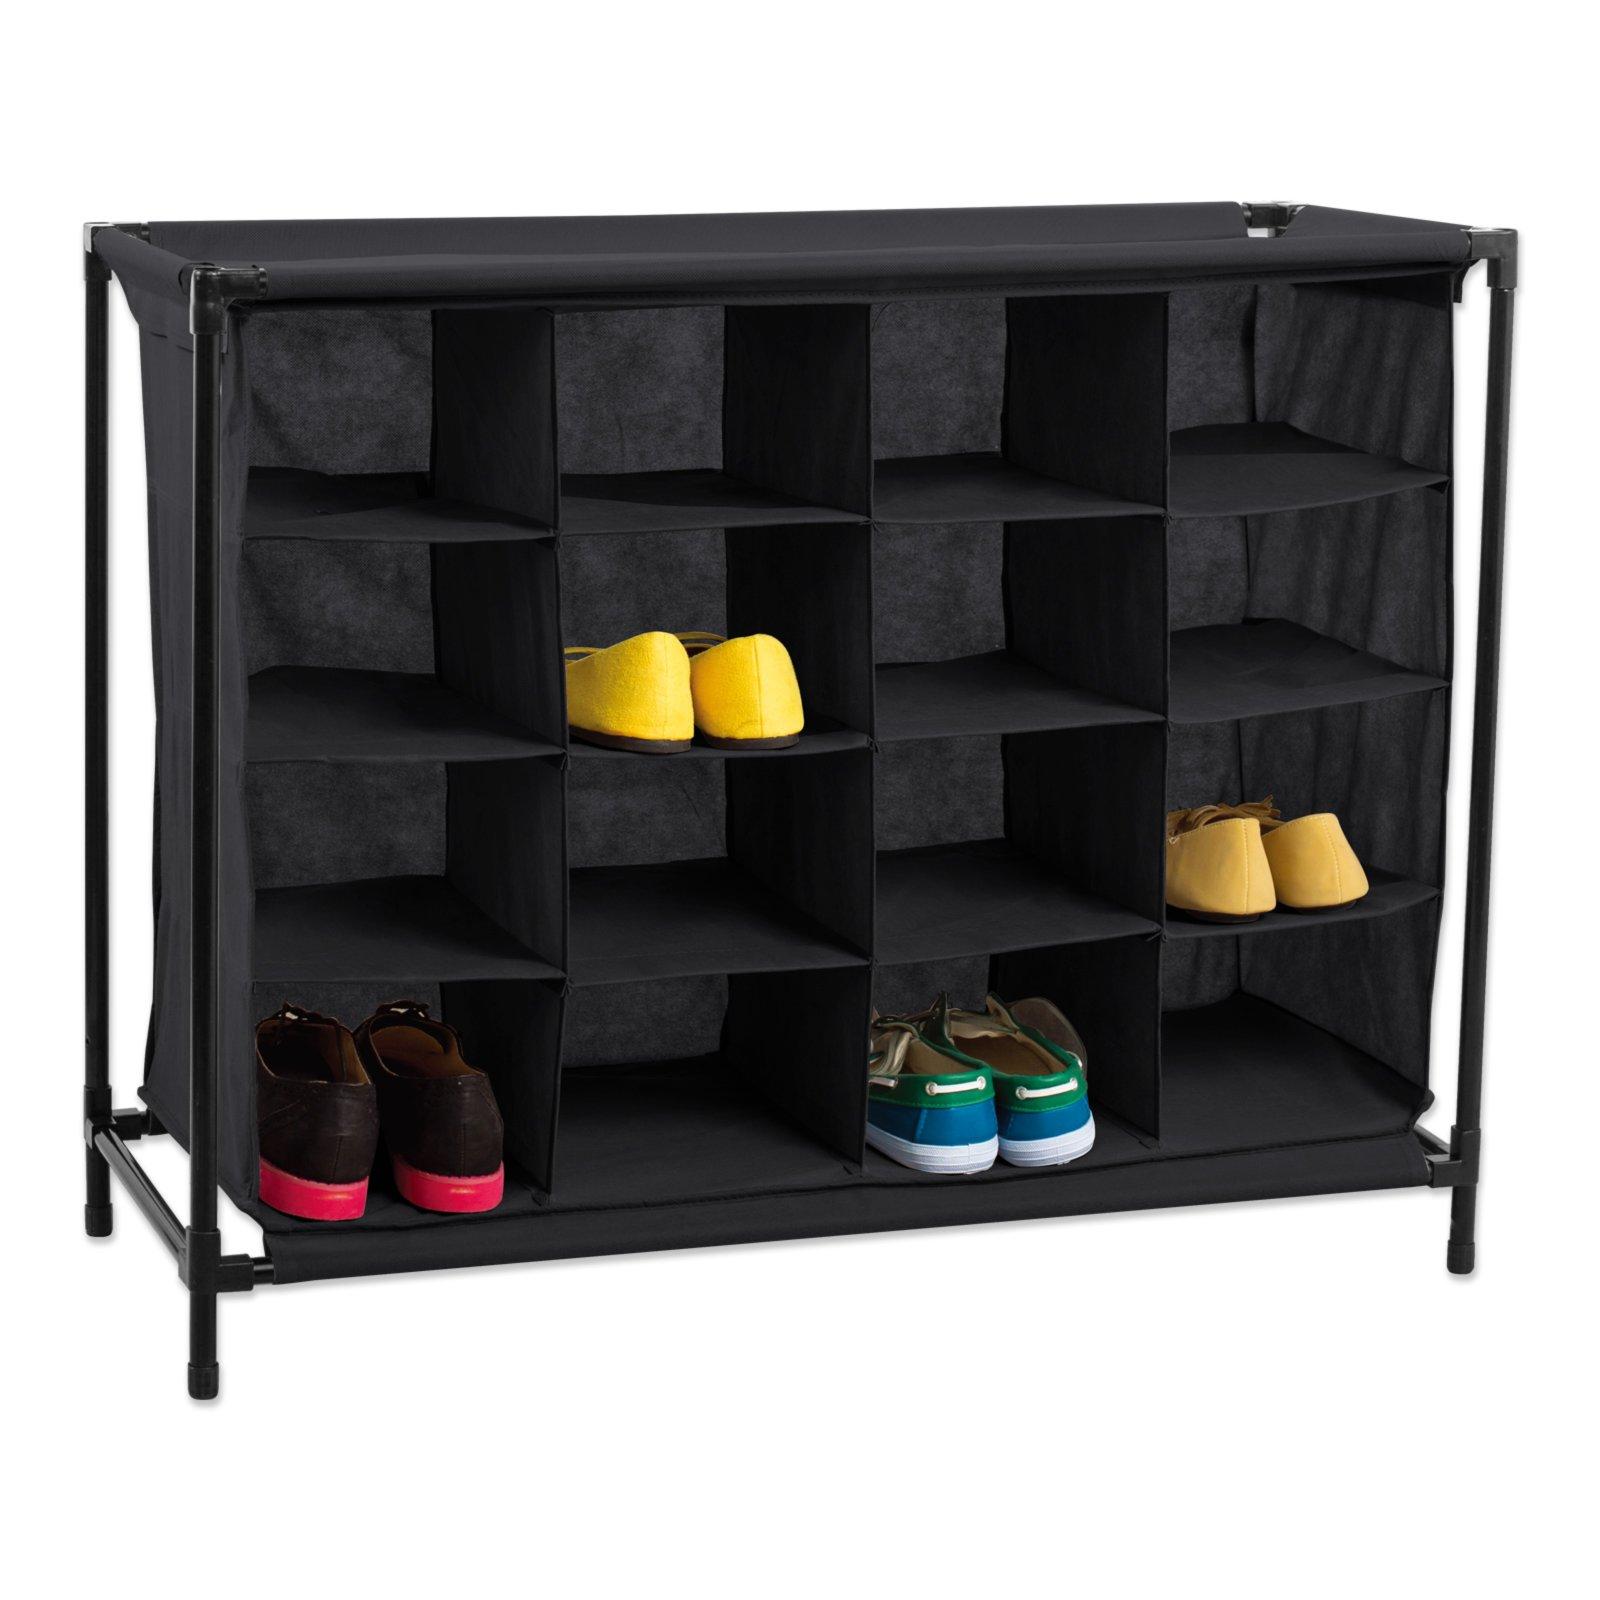 schuhregal kleiner flur affordable htiline garderobe comfy sitzbank schuhregal schuhbank. Black Bedroom Furniture Sets. Home Design Ideas